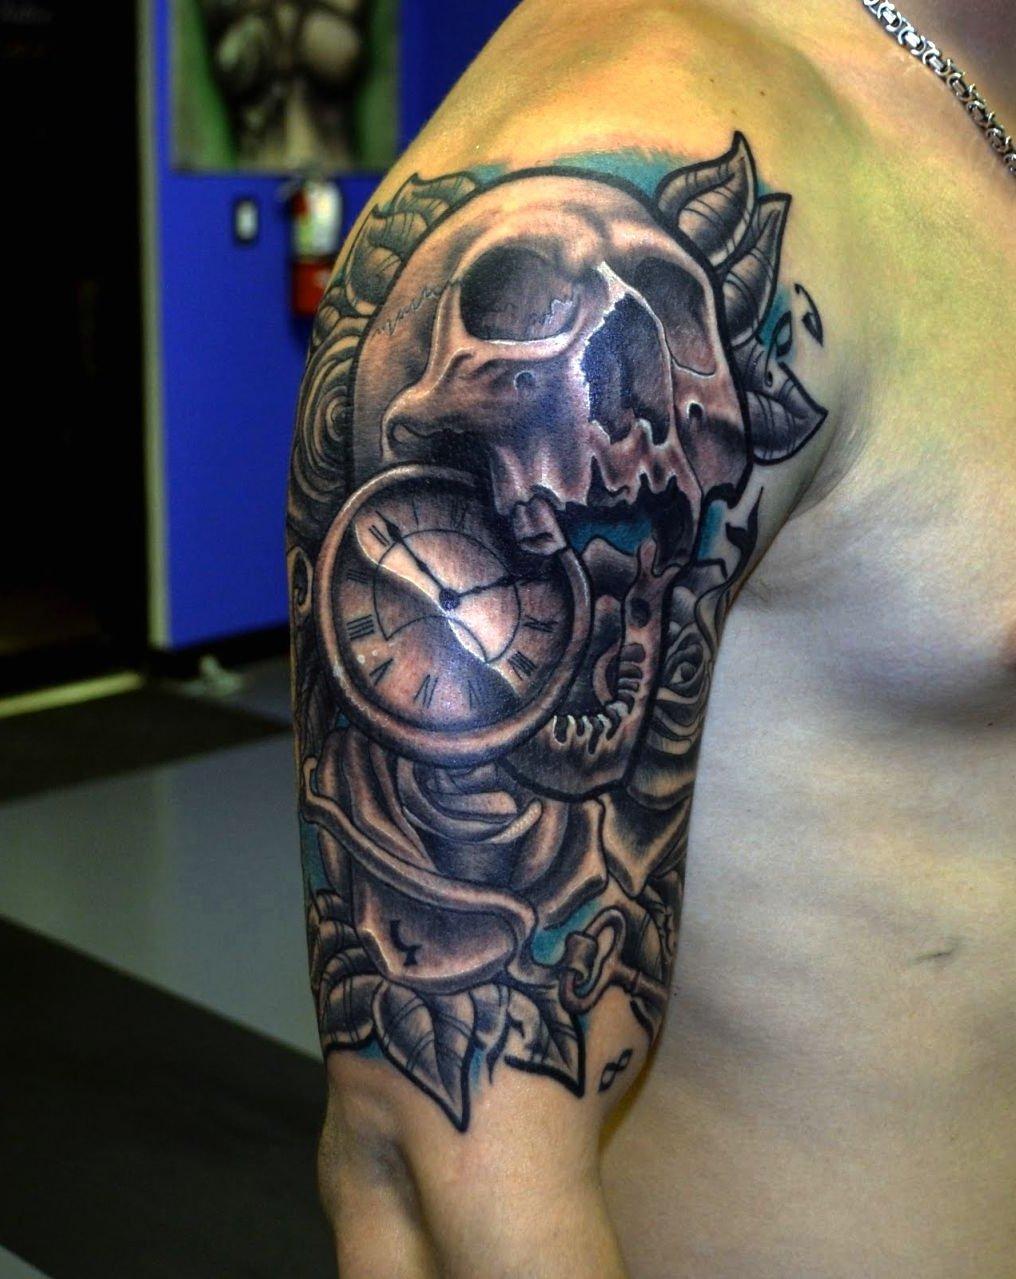 10 Elegant Half Of Sleeve Tattoos Ideas mens half sleeve ideas mens half sleeve tattoo ideas sleeve tattoo 1 2021